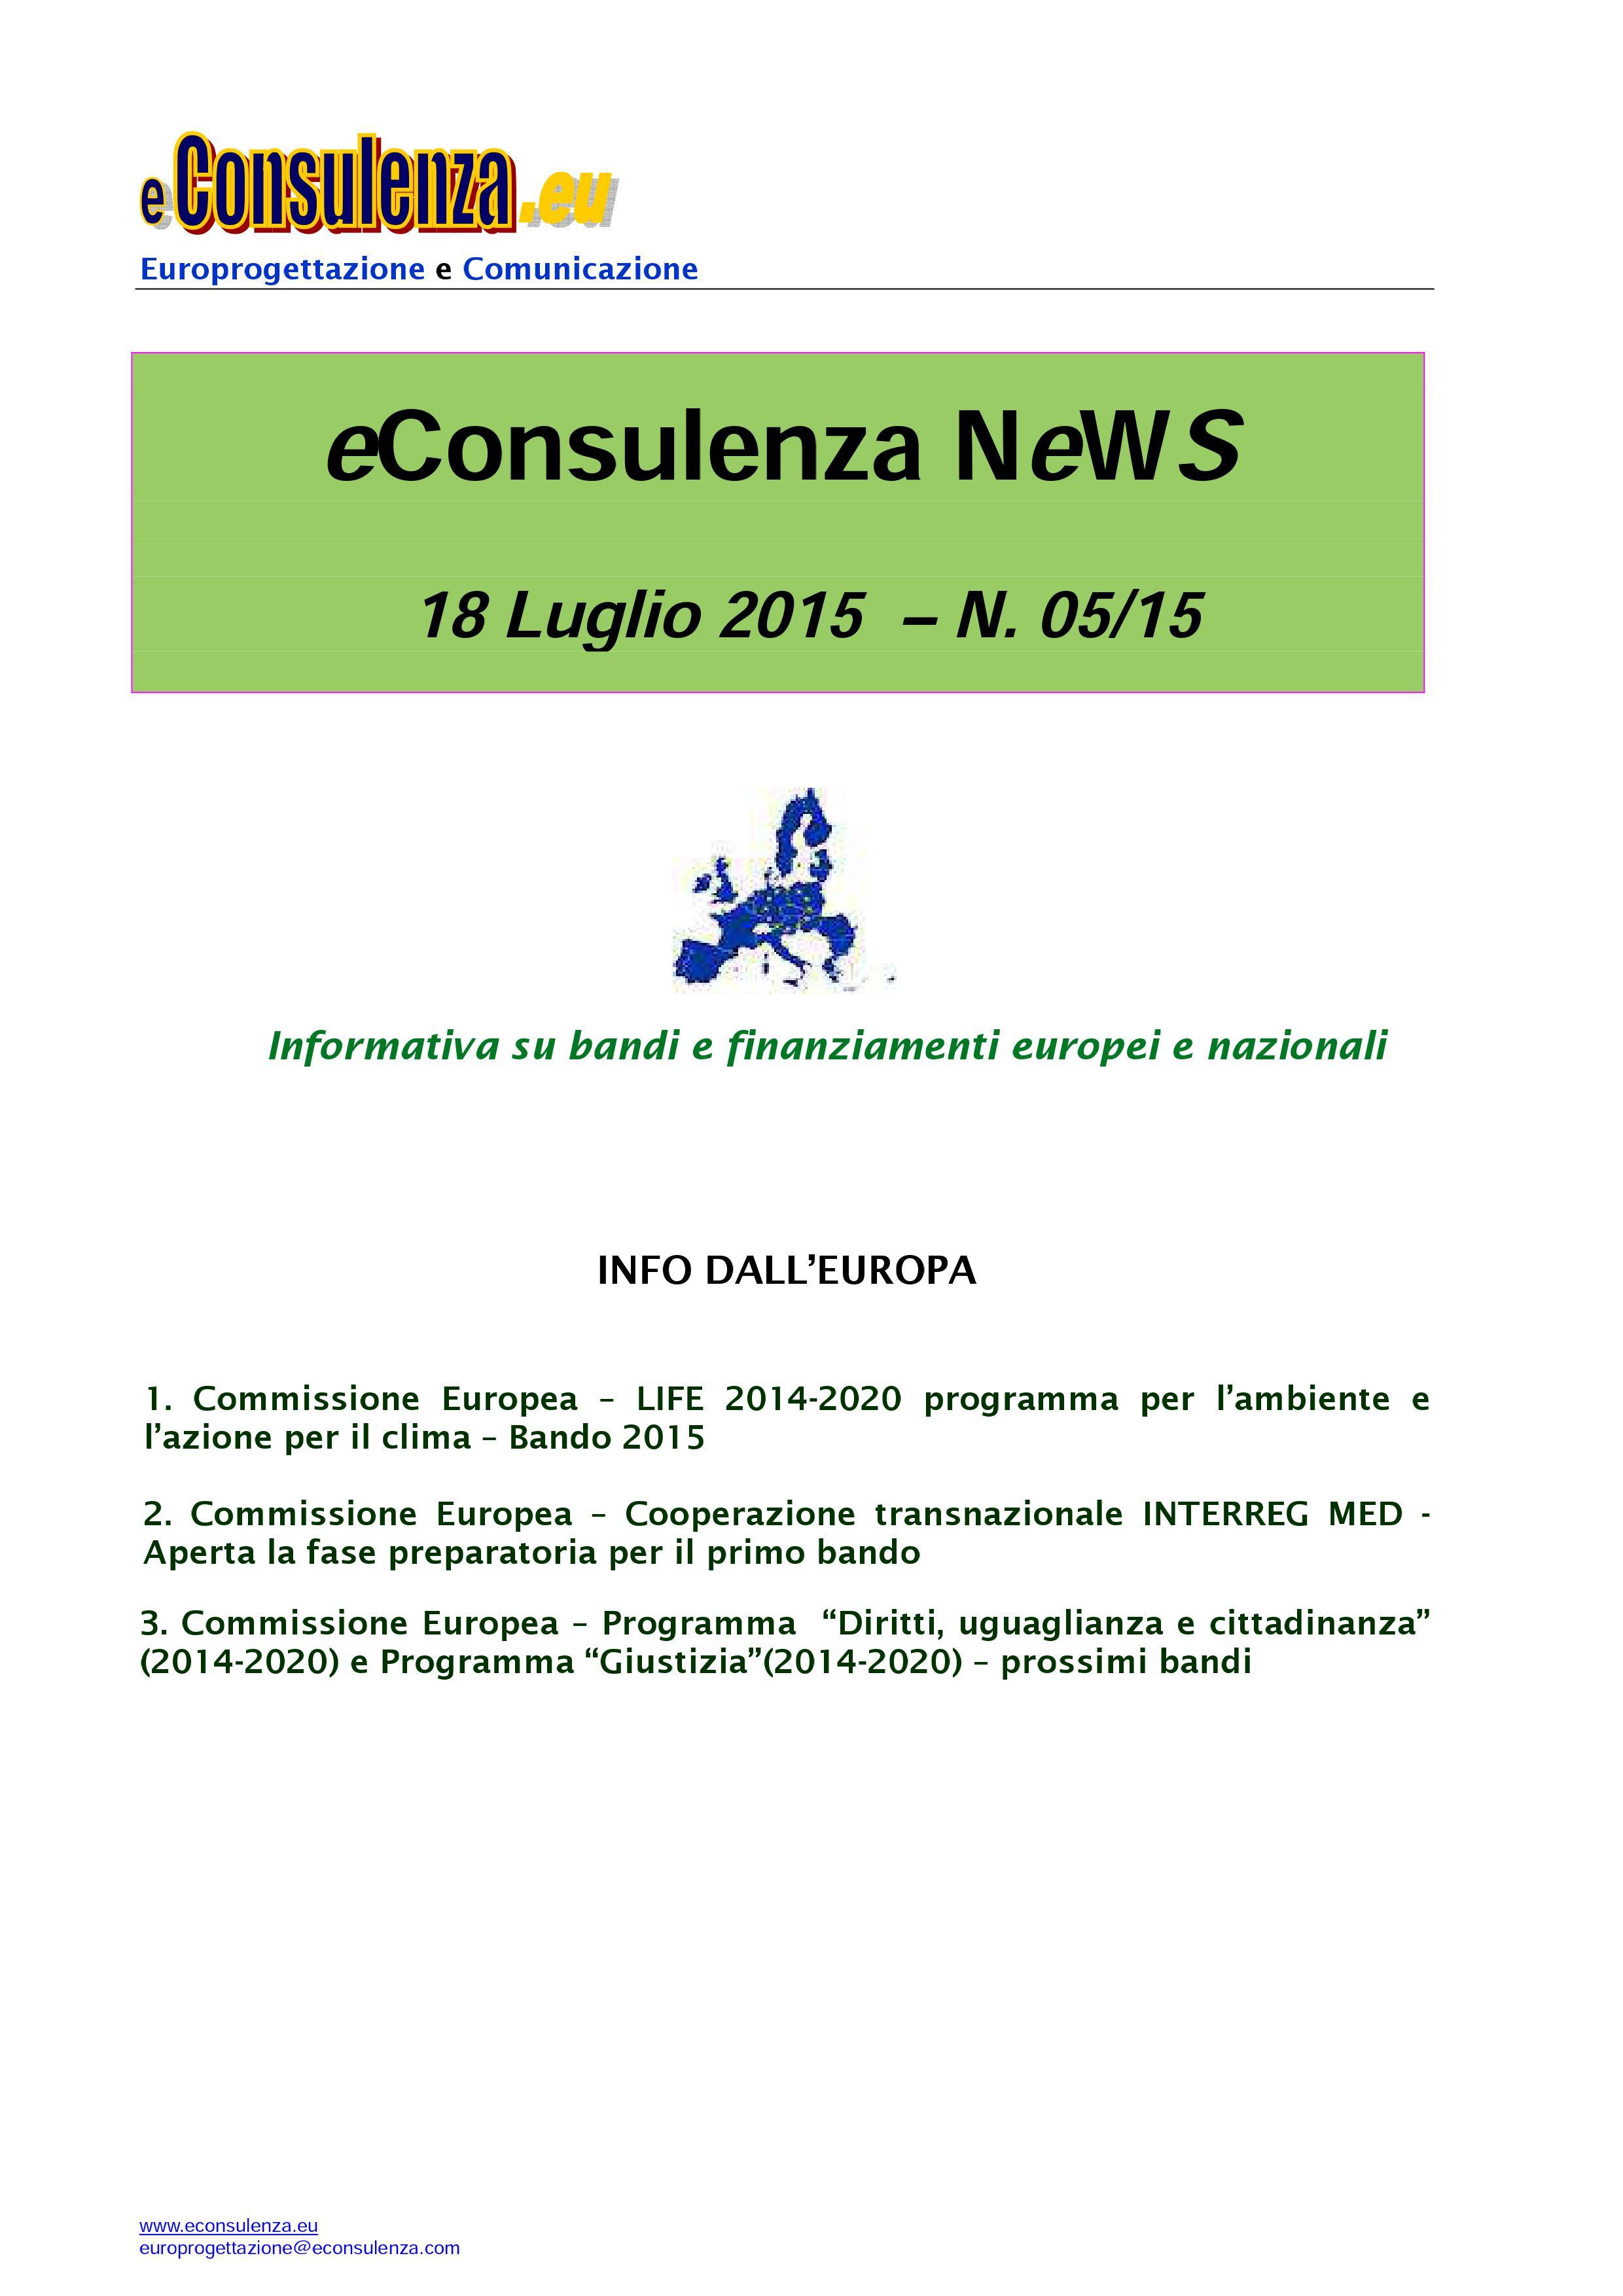 eC NeWs 05/15